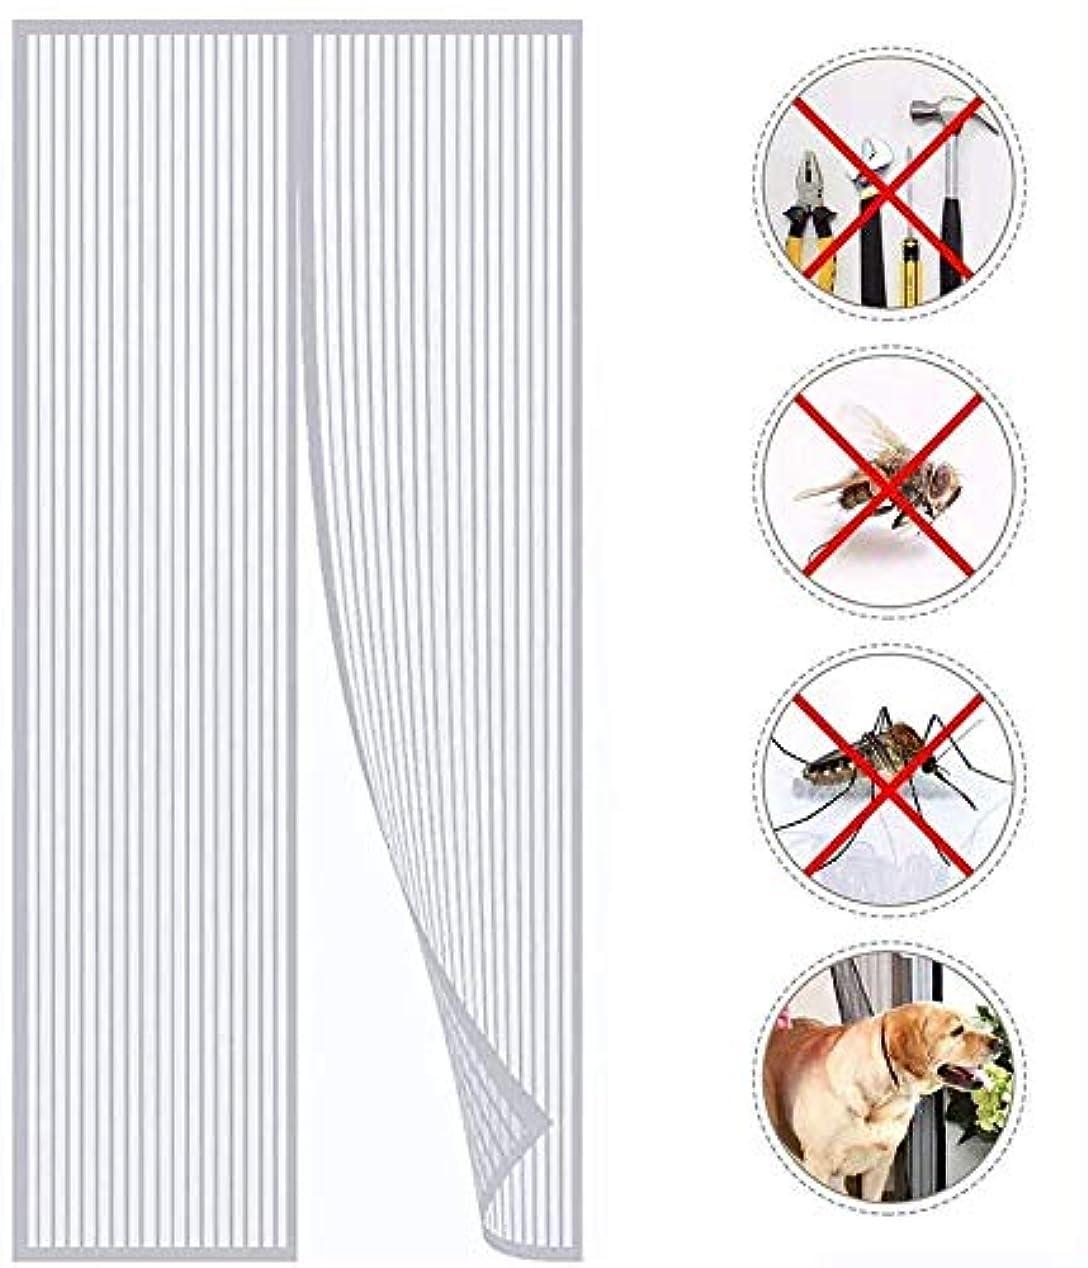 スナップシンプルなサイトラインAlaez 磁気フライスクリーンドア 自動閉鎖蚊帳昆虫 磁気フライカーテン リビングバルコニードアの昆虫保護-110 x 270 cm